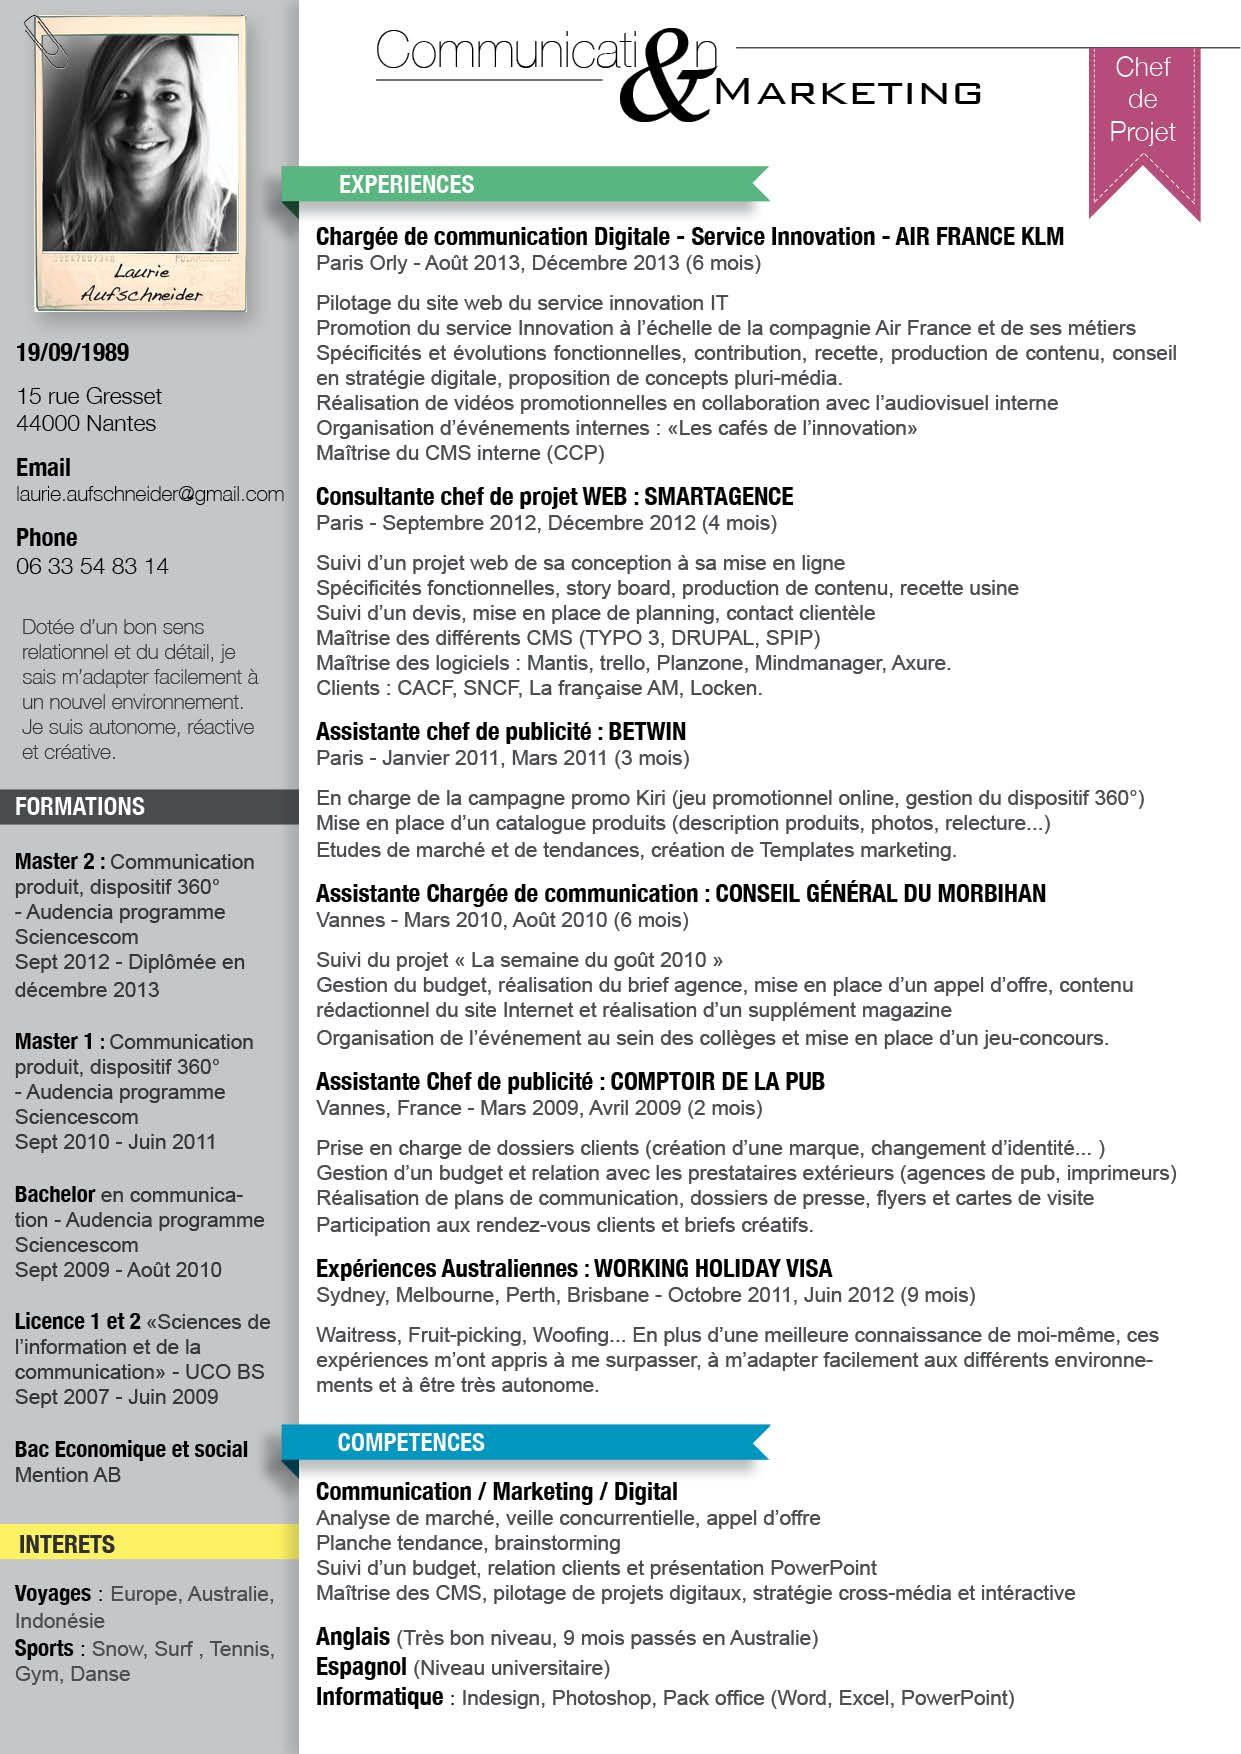 Épinglé par julie sur Crea Marketing communications, Cv